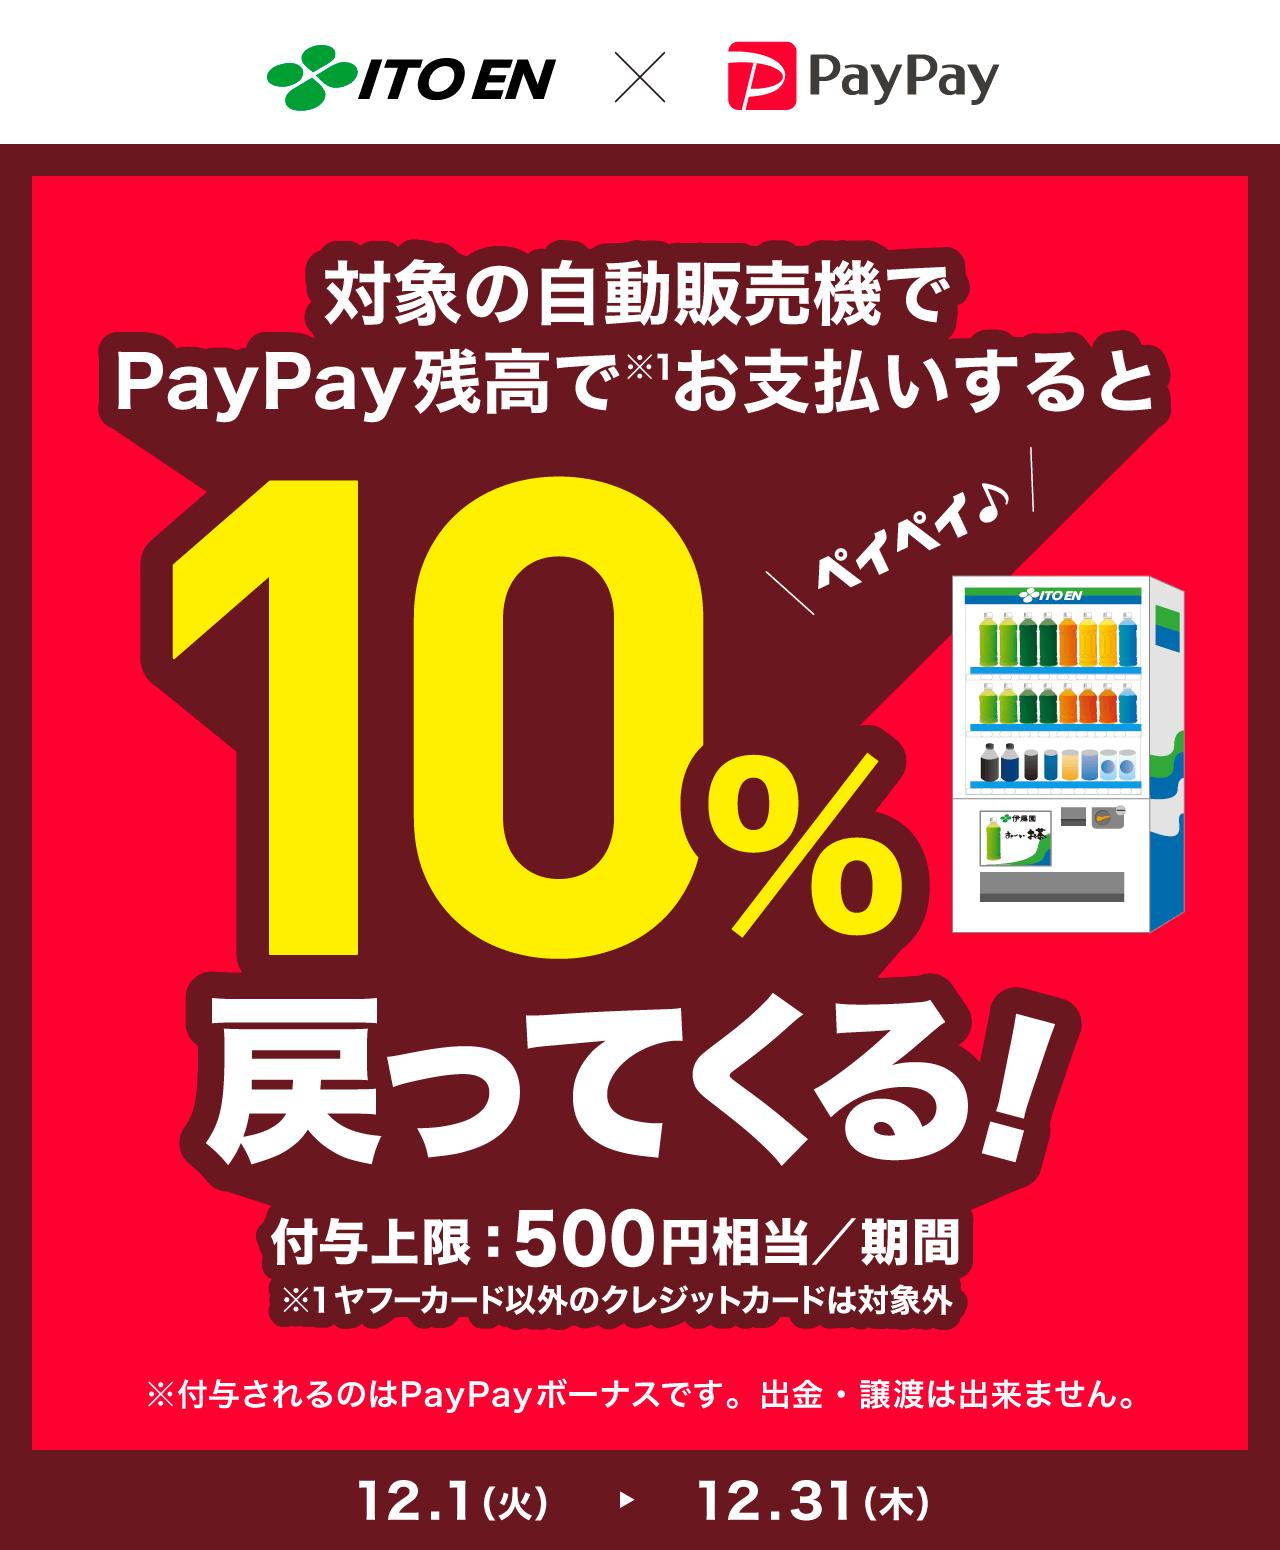 対象の自動販売機でPayPay残高でお支払いすると10%戻ってくる!